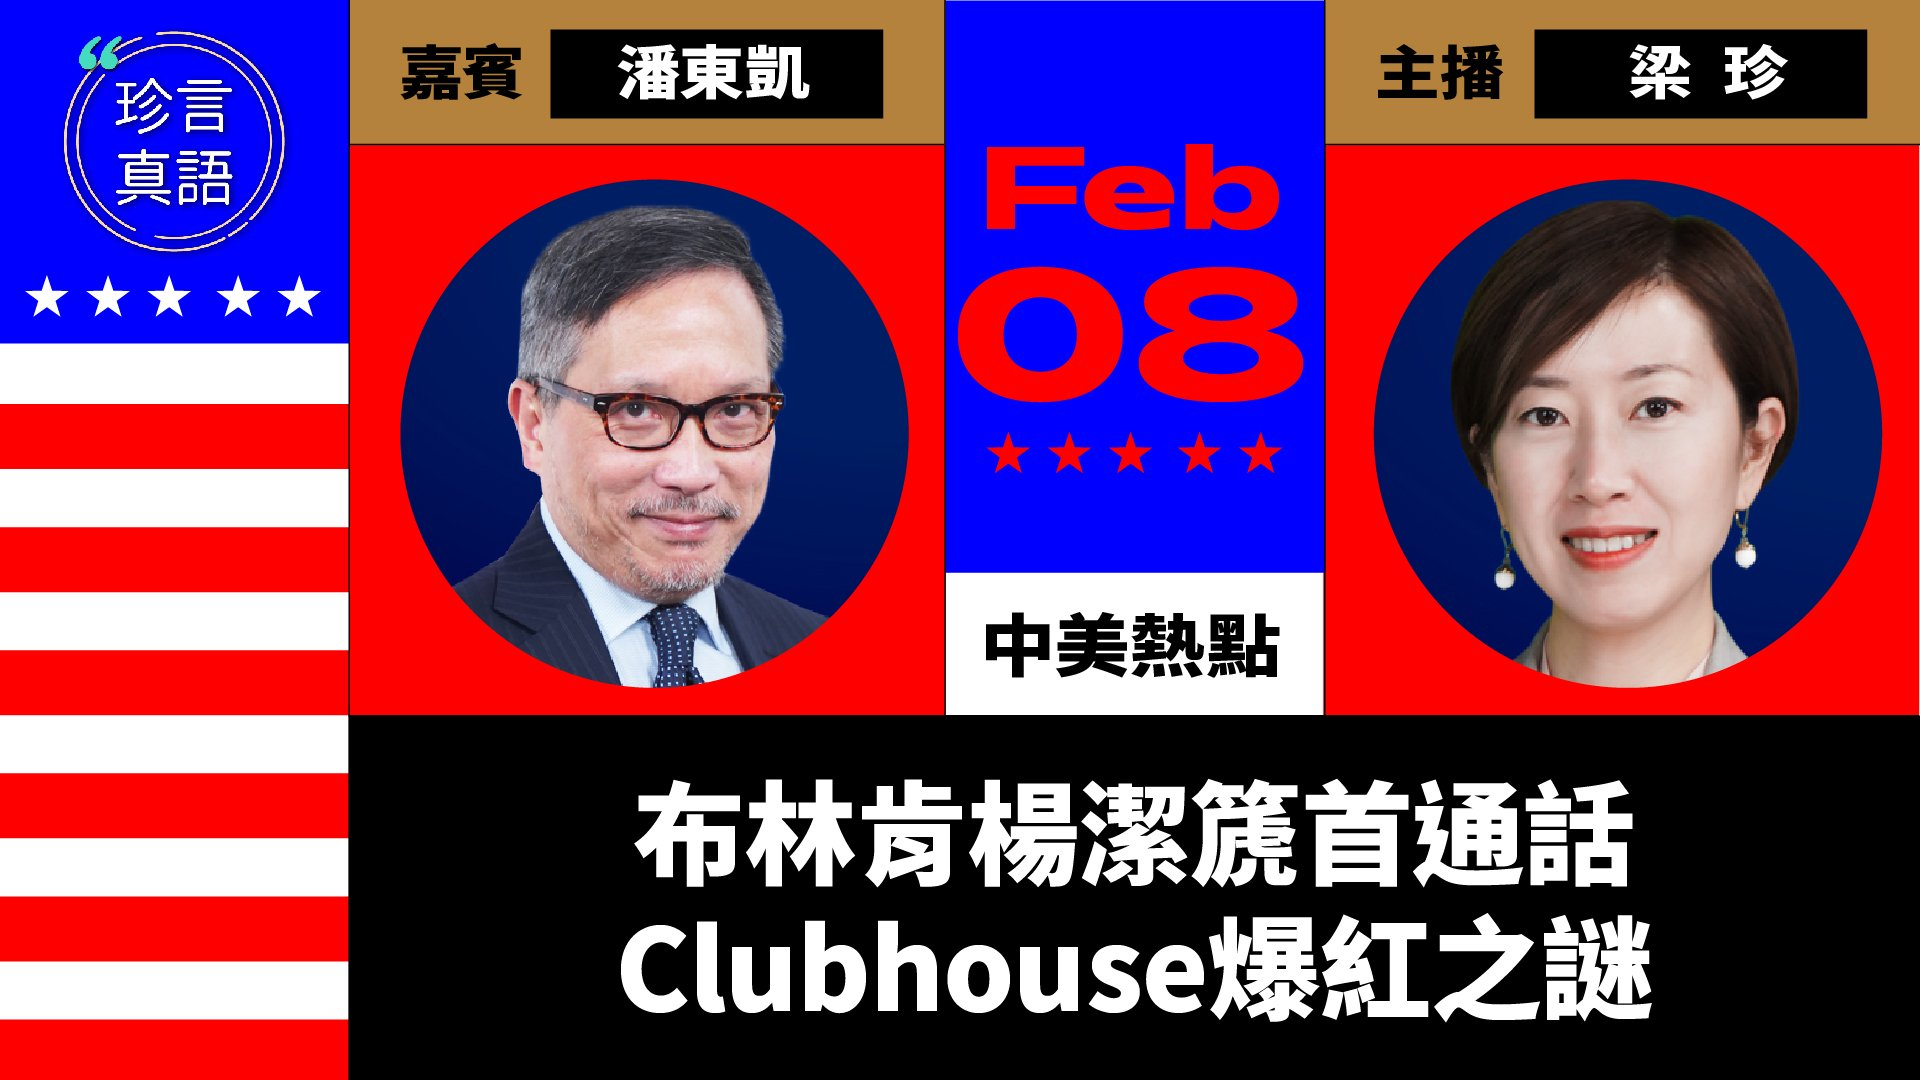 【珍言真語】潘東凱:布林肯和楊潔篪首通話,Clubhouse爆紅之謎。(大紀元製圖)